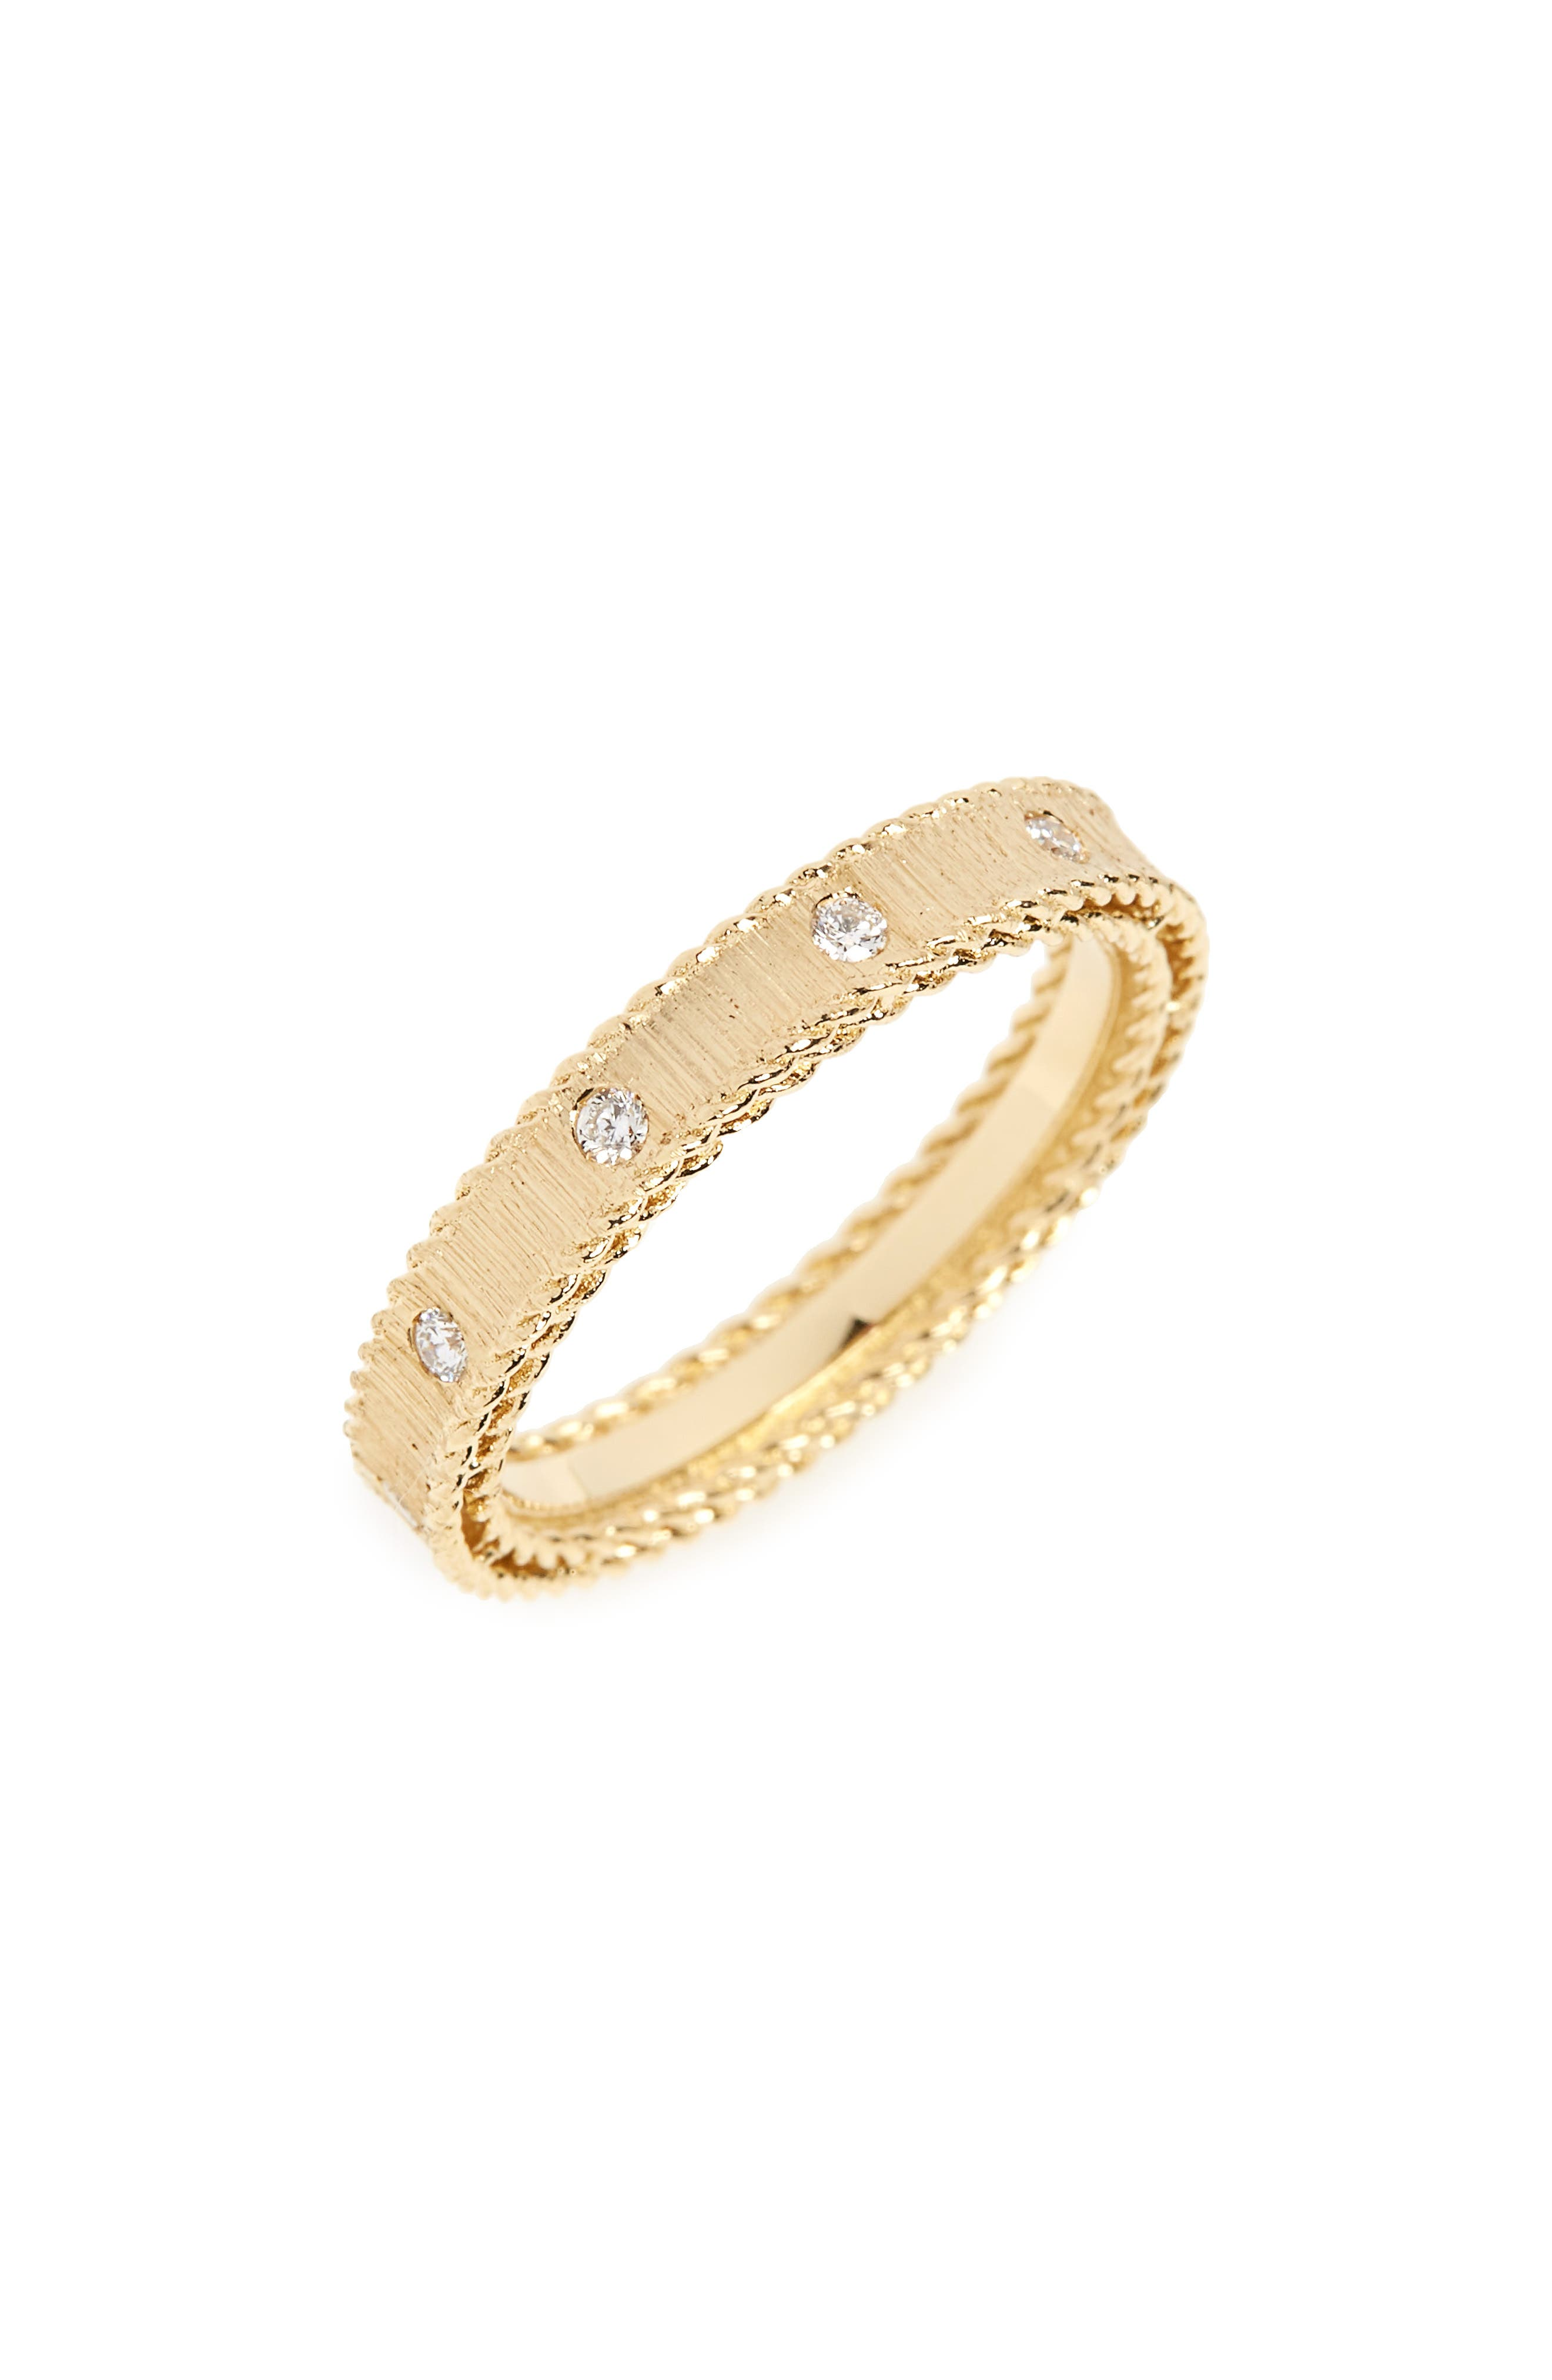 ROBERTO COIN,                             Diamond Princess Ring,                             Main thumbnail 1, color,                             YELLOW GOLD